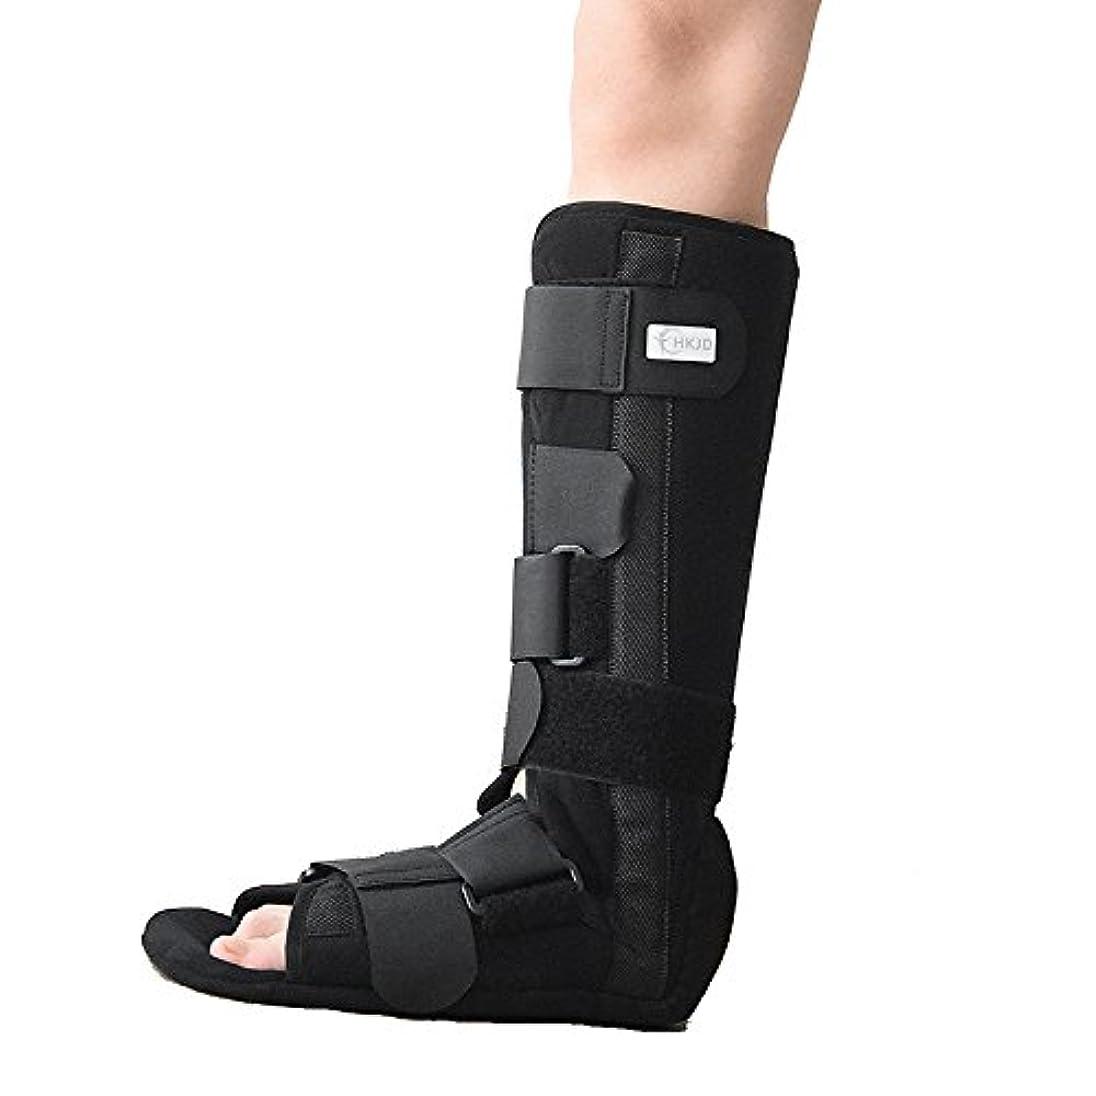 バンク反映するバスルーム足首骨折リハビリ固定足首膝ライナー歩行者ウォーカーブーツ足首足矯正